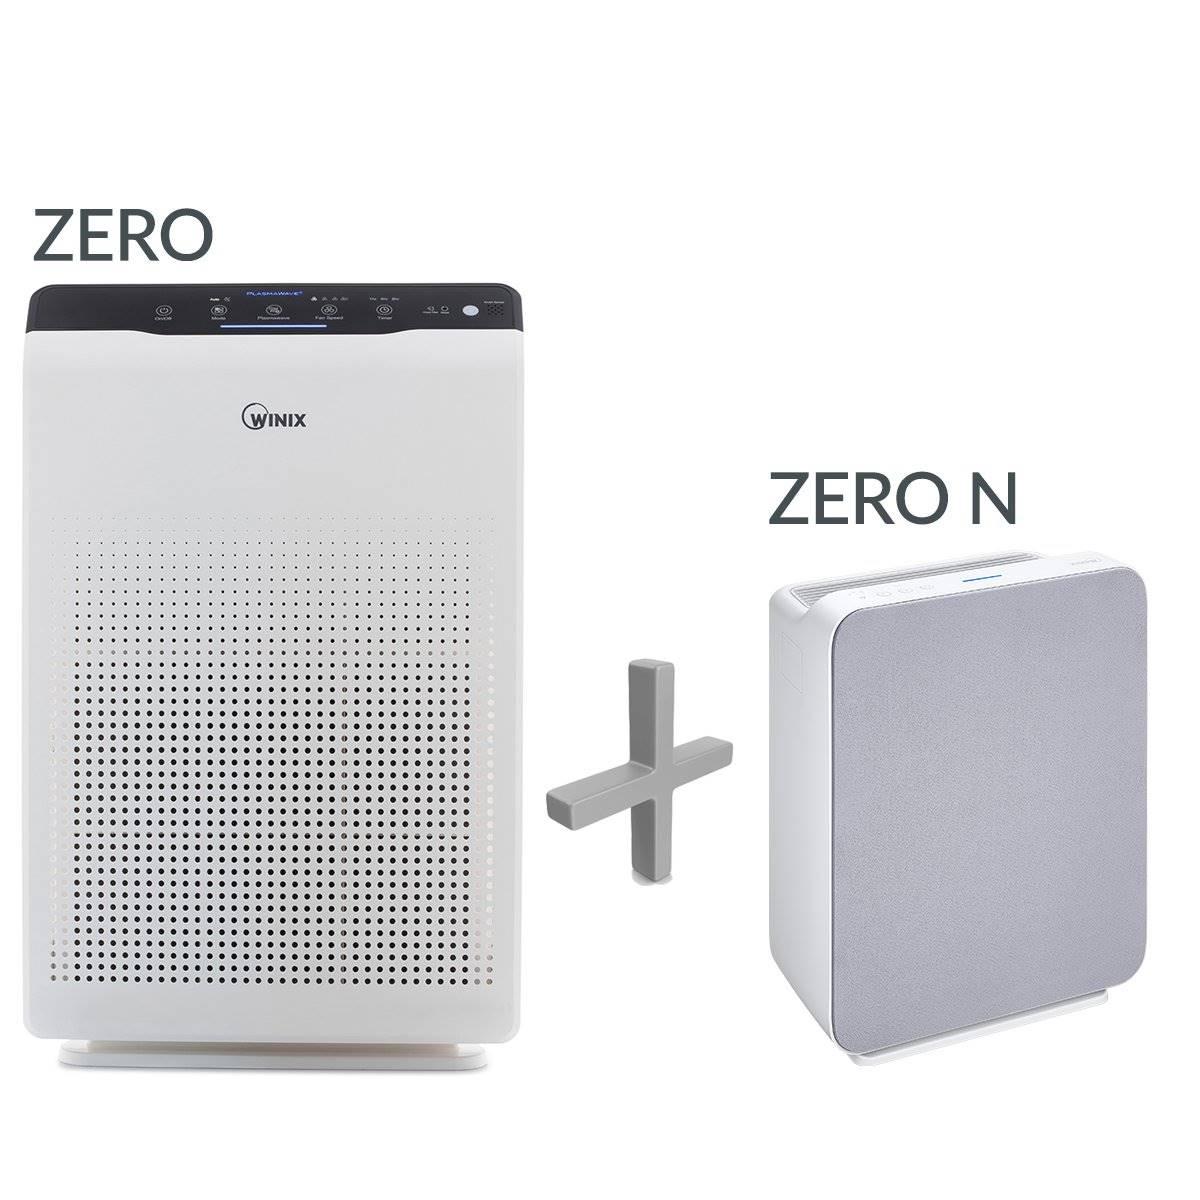 Zero + Zero N İkili Paket